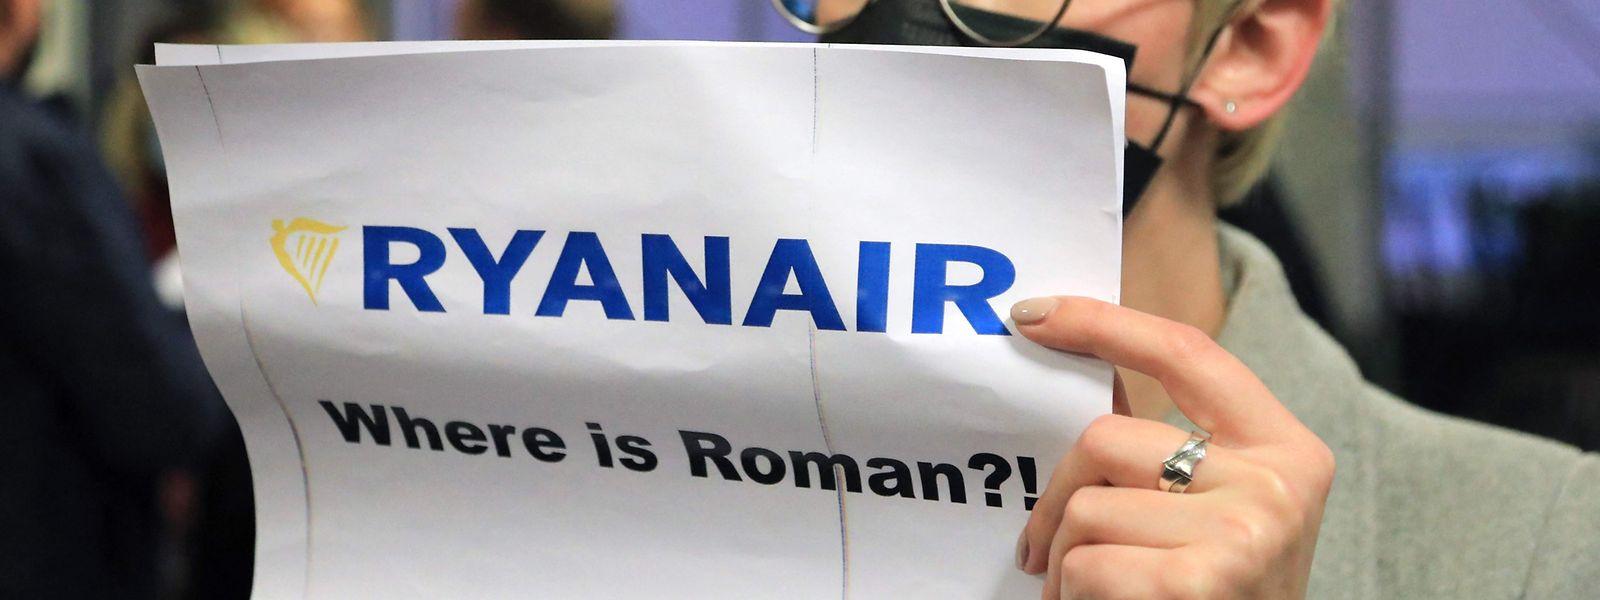 """Mulher com um cartaz que diz """"Onde está Roman (Protasevich)?!"""" na zona de chegadas do aeroporto de Vilnius, o destino inicial do voo da Ryanair que foi forçado pelas autoridades biolerrussas a aterrar em Minsk para a detenção de um opositor ao regime de Lukashenko."""